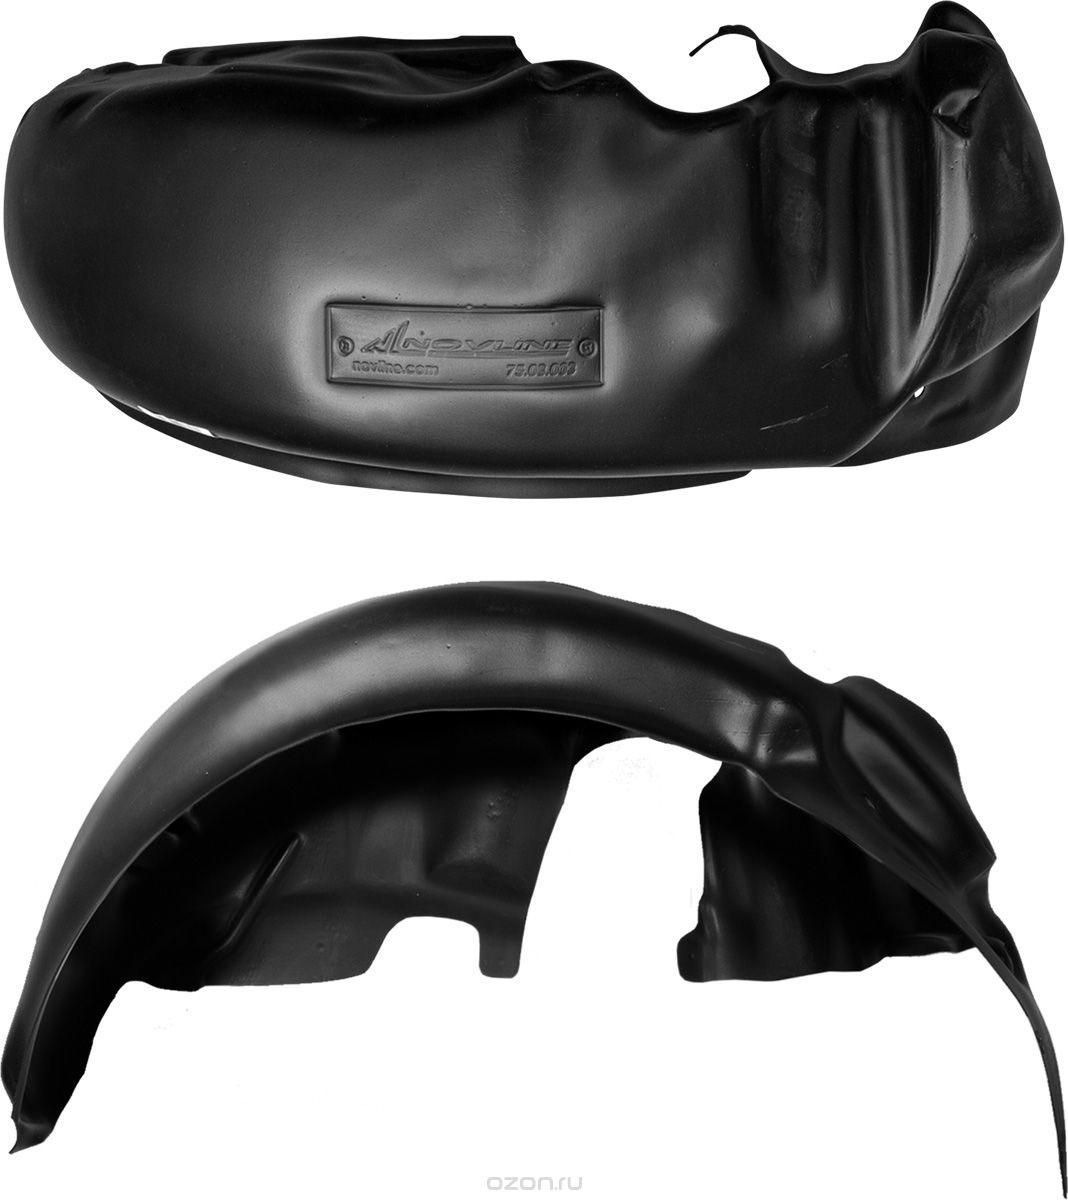 Подкрылок Novline-Autofamily, для CITROEN C-Crosser 2007->, задний левый42803004Идеальная защита колесной ниши. Локеры разработаны с применением цифровых технологий, гарантируют максимальную повторяемость поверхности арки. Изделия устанавливаются без нарушения лакокрасочного покрытия автомобиля, каждый подкрылок комплектуется крепежом. Уважаемые клиенты, обращаем ваше внимание, что фотографии на подкрылки универсальные и не отражают реальную форму изделия. При этом само изделие идет точно под размер указанного автомобиля.